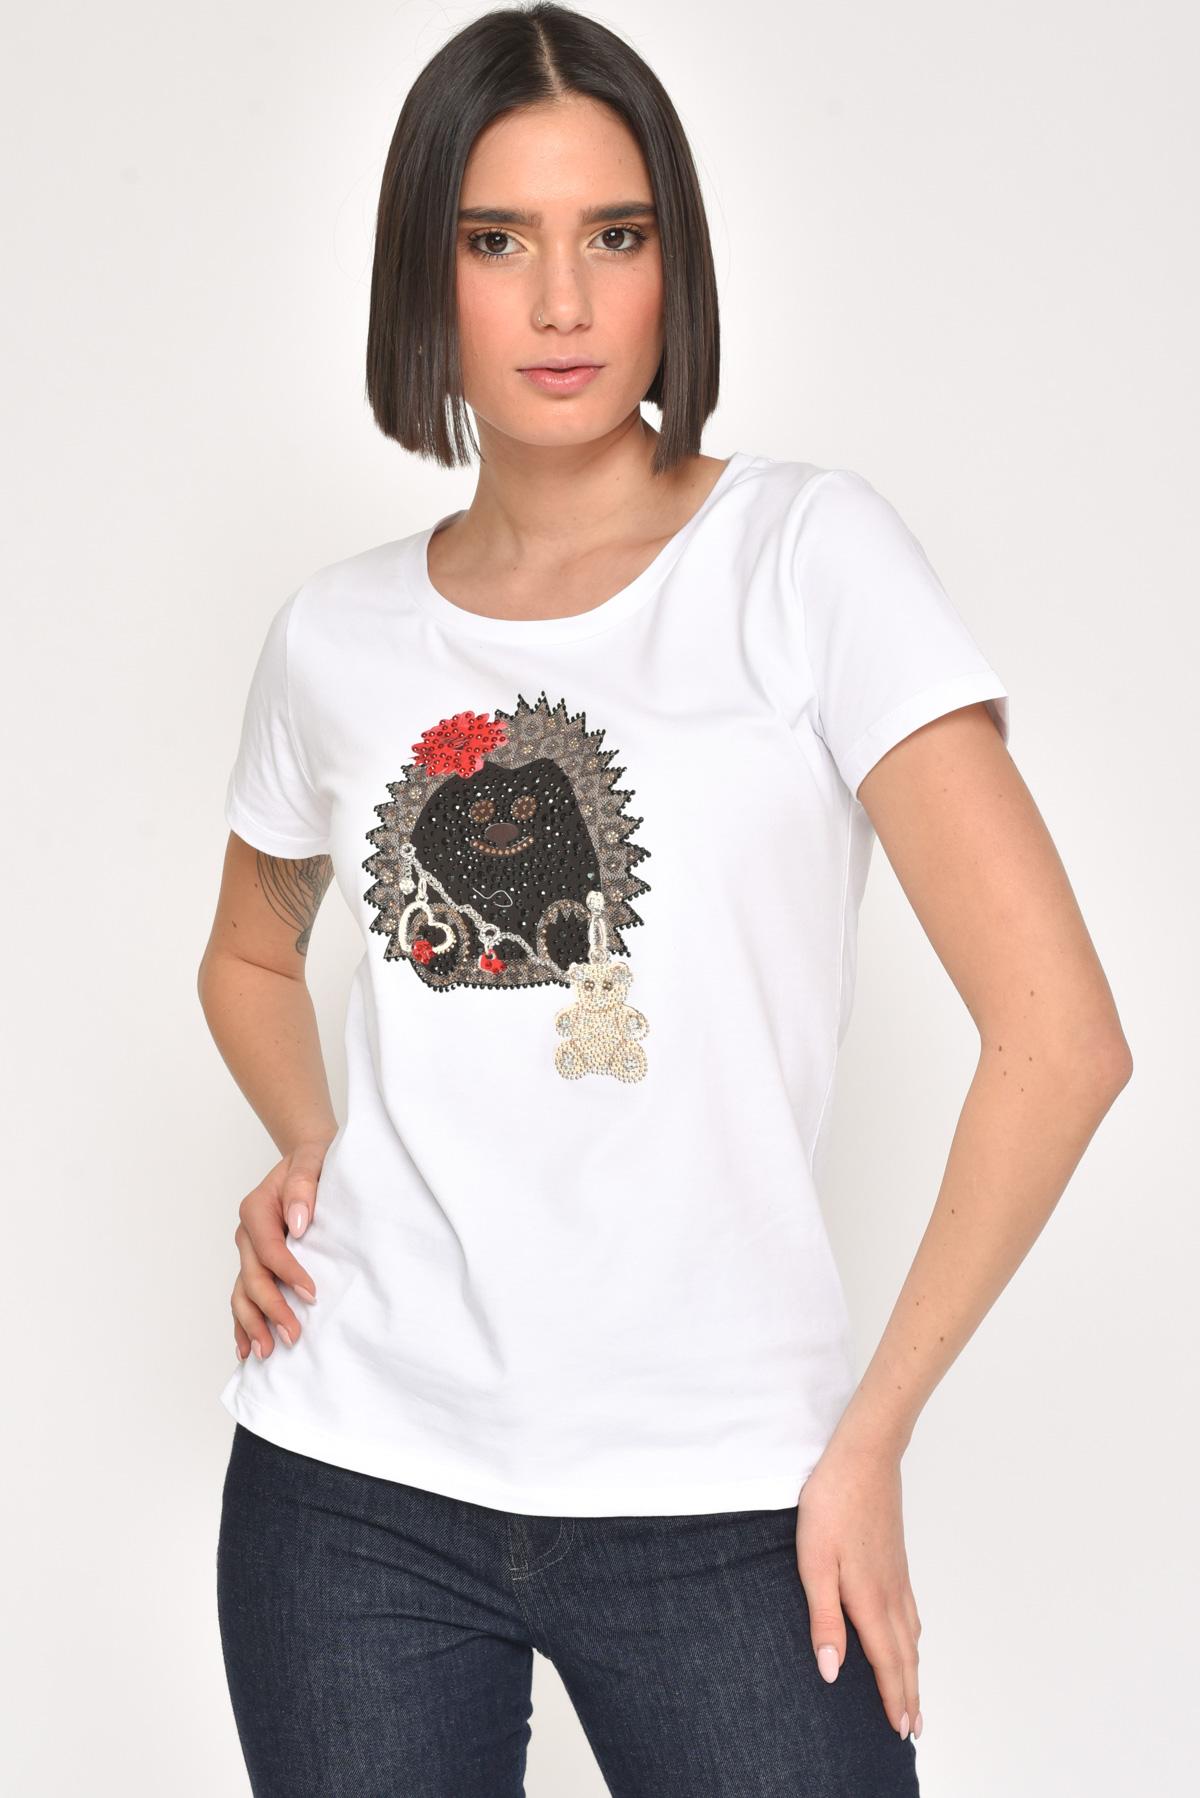 T-SHIRT IN COTONE STAMPA RICCIO CON STRASS for women - WHITE / BROWN - Paquito Pronto Moda Shop Online